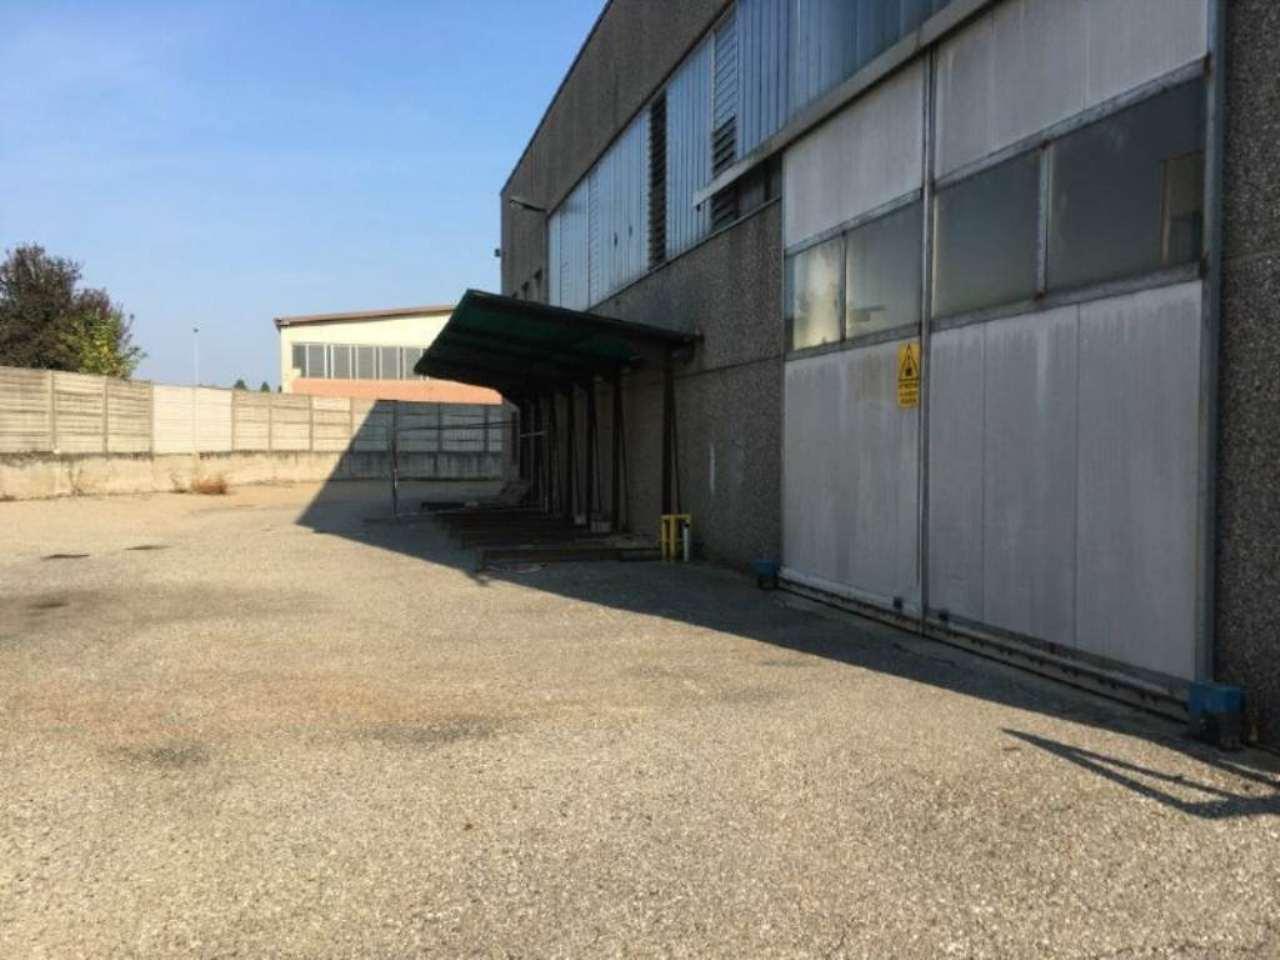 Capannone in vendita a Canonica d'Adda, 9 locali, prezzo € 1.140.000 | Cambio Casa.it